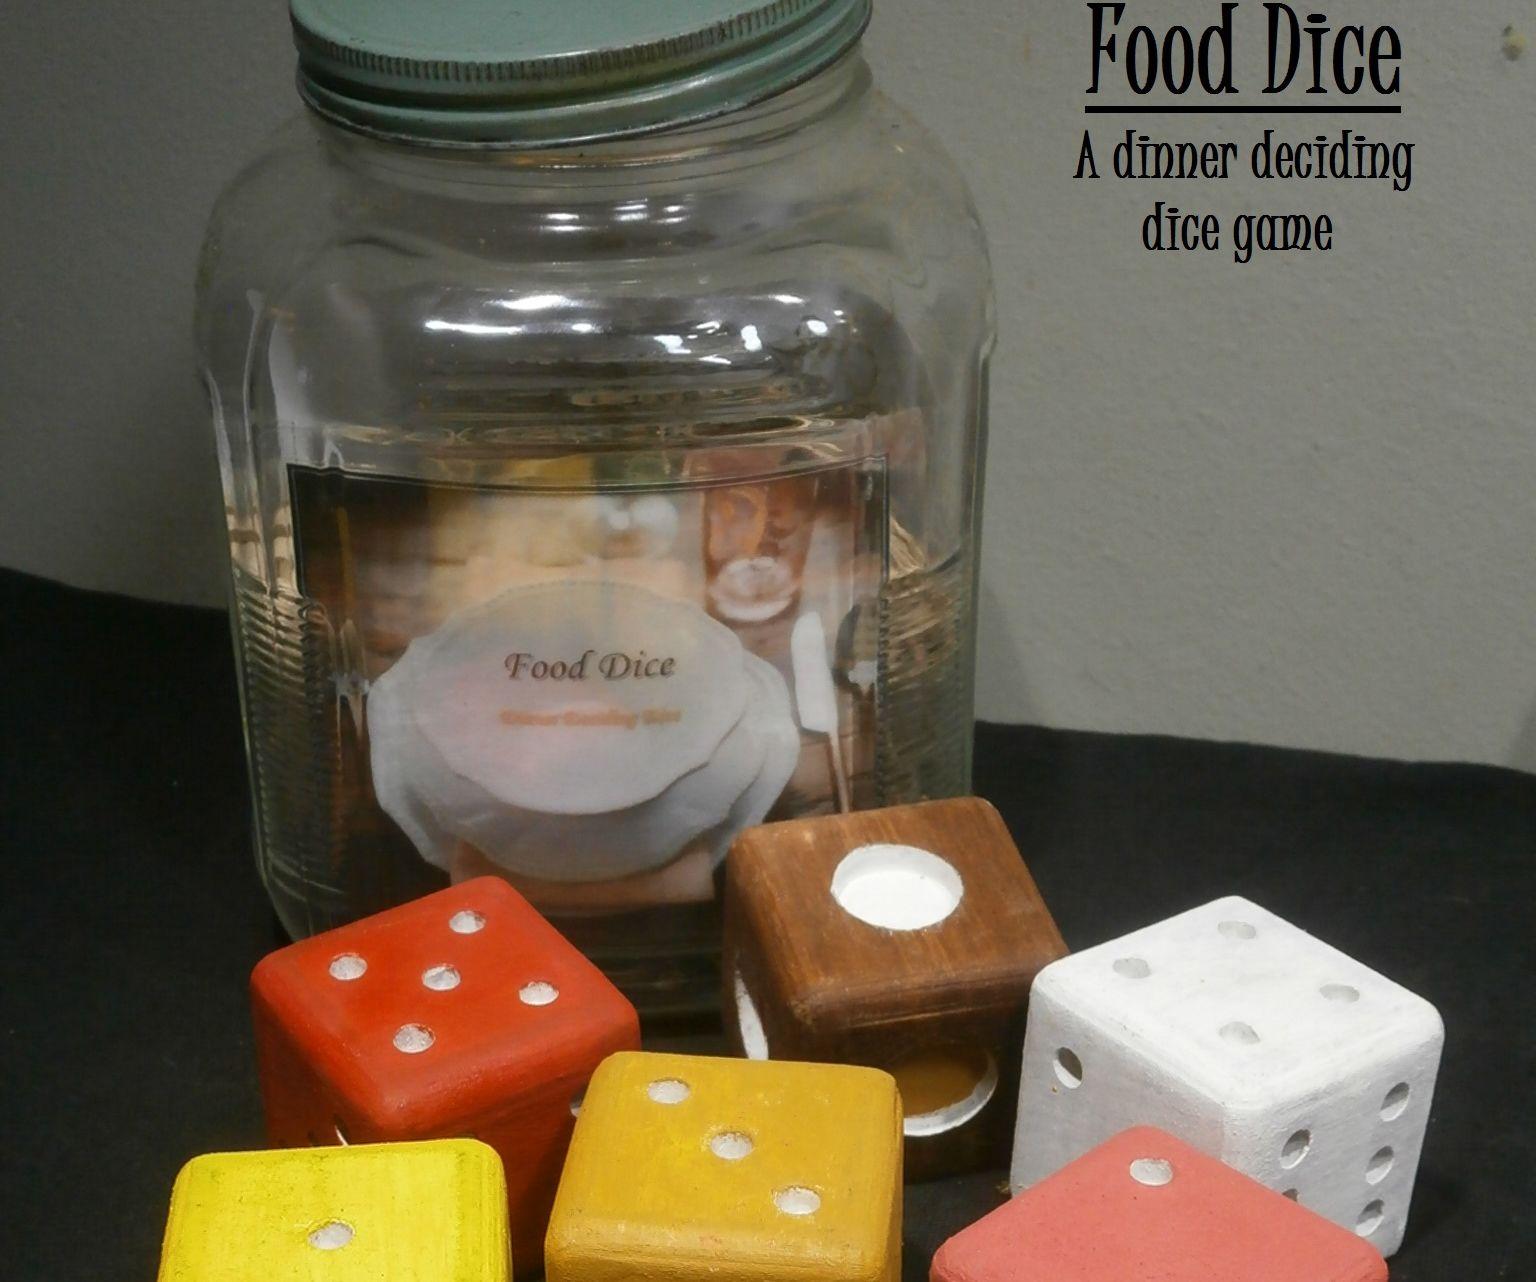 Food Dice; Dinner Deciding Dice